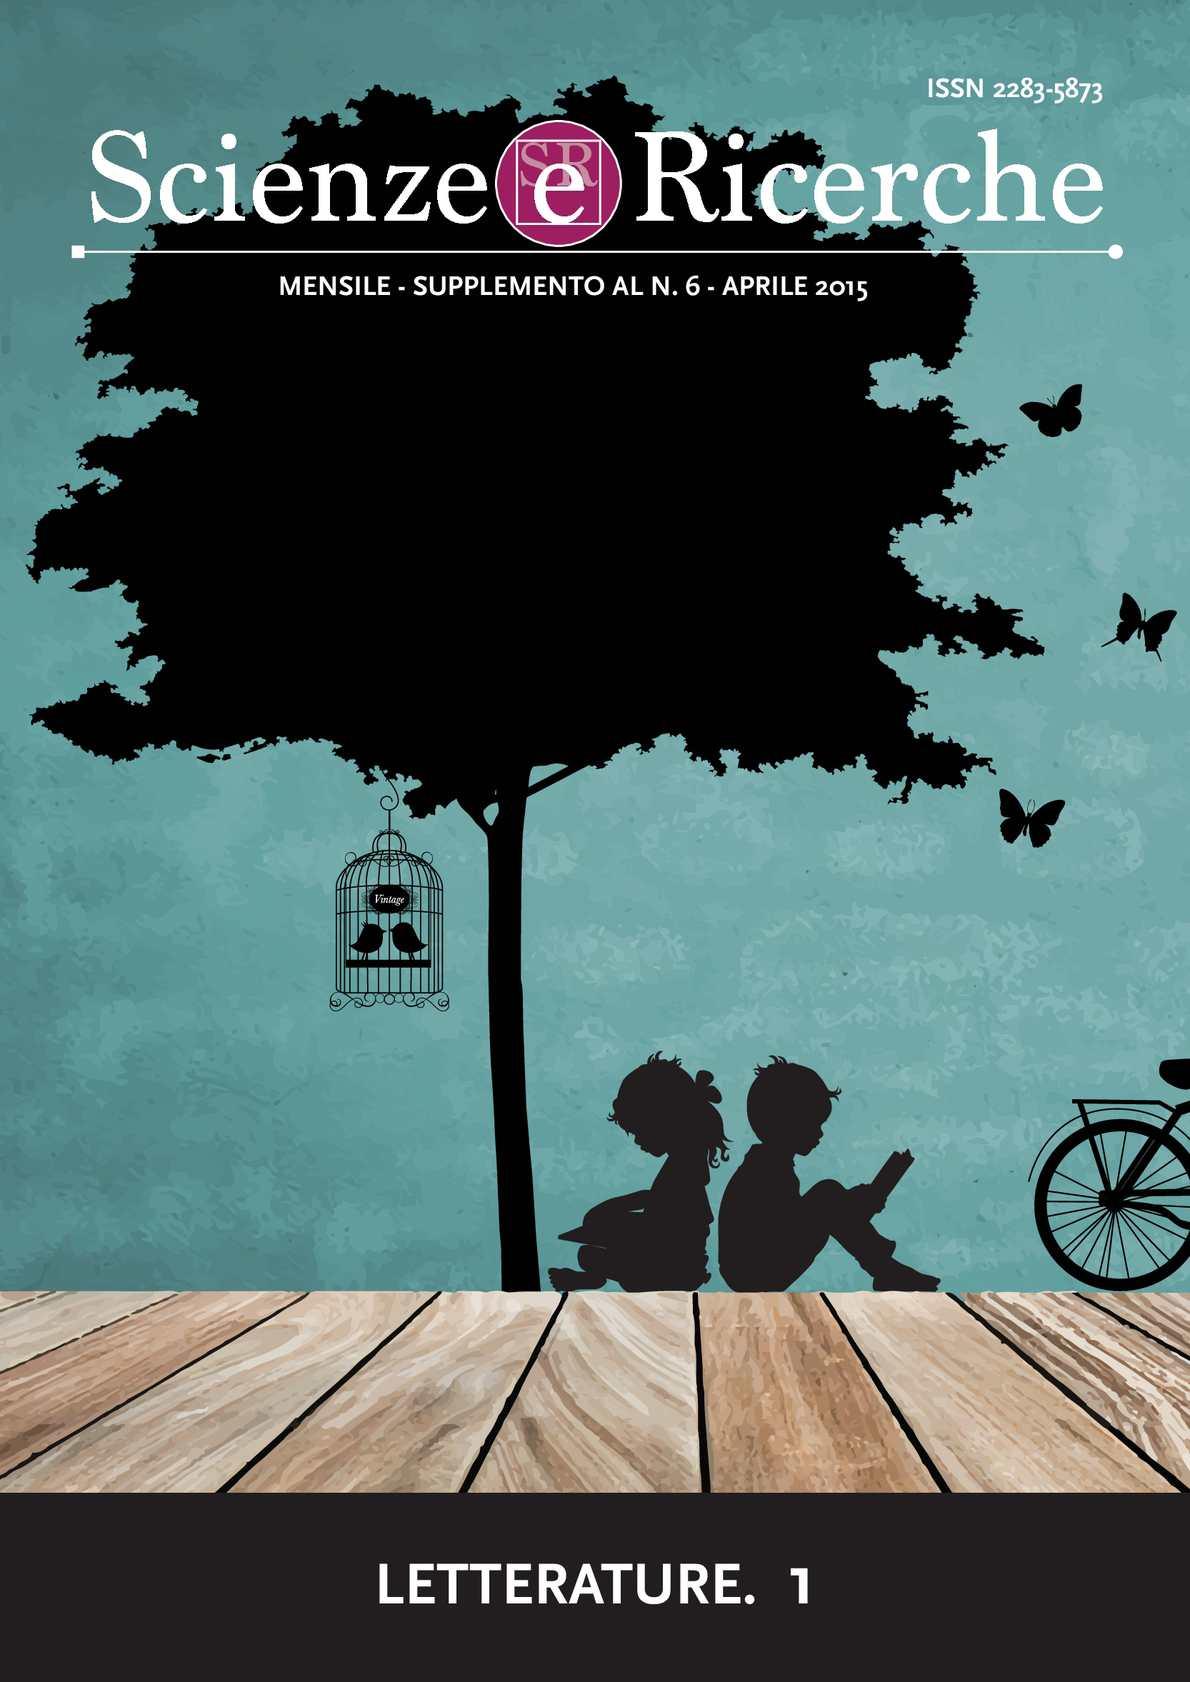 Letteratureaprile Ricerche E Calaméo Scienze 2015 OTuwXPkZil